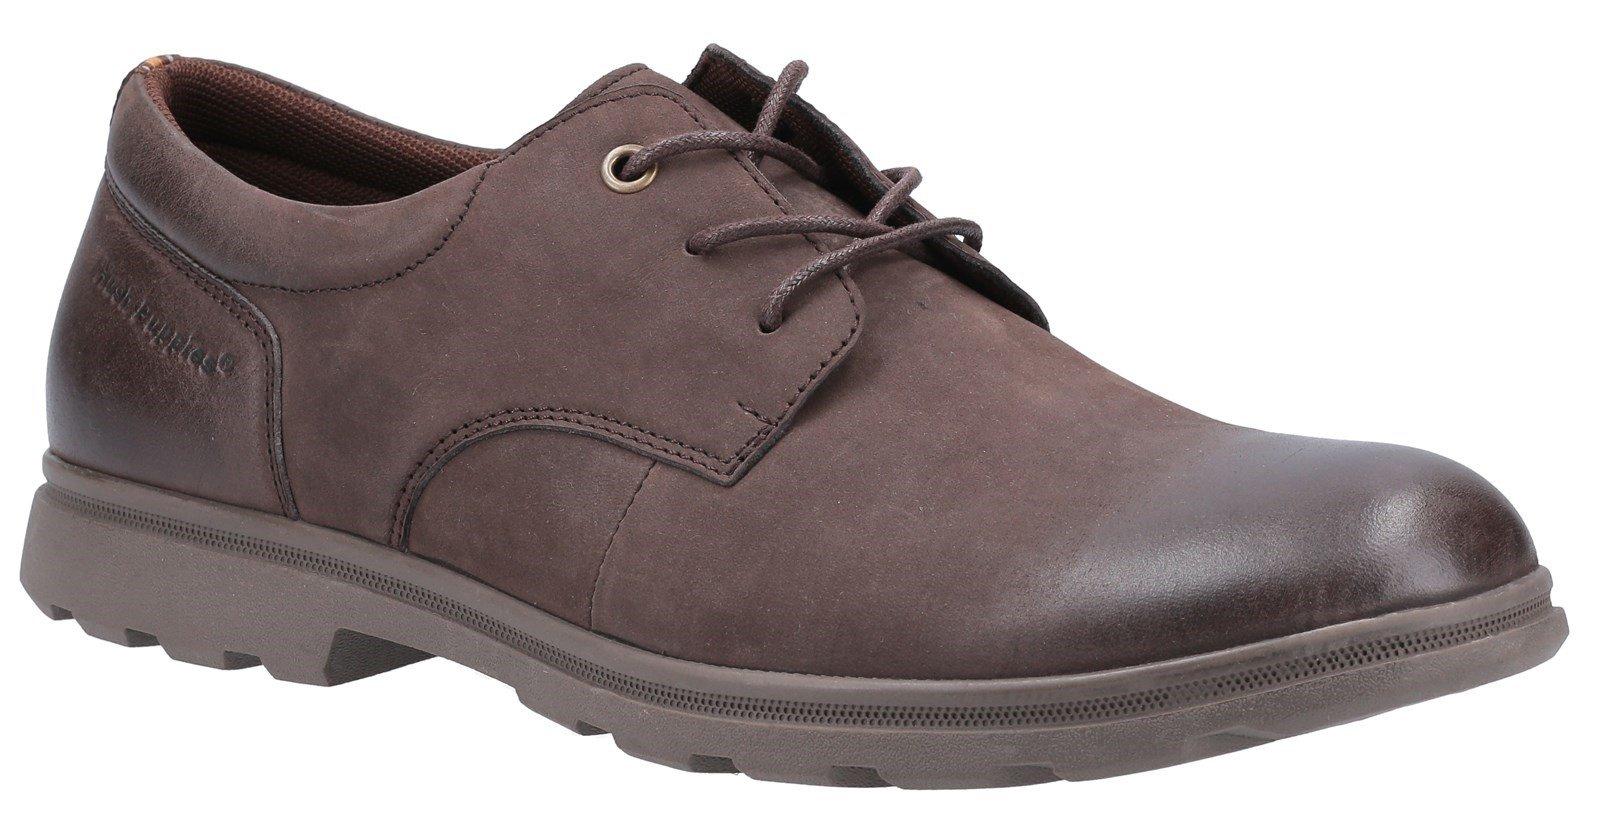 Hush Puppies Men's Trevor Lace Derby Shoe Various Colours 31243 - Brown 6